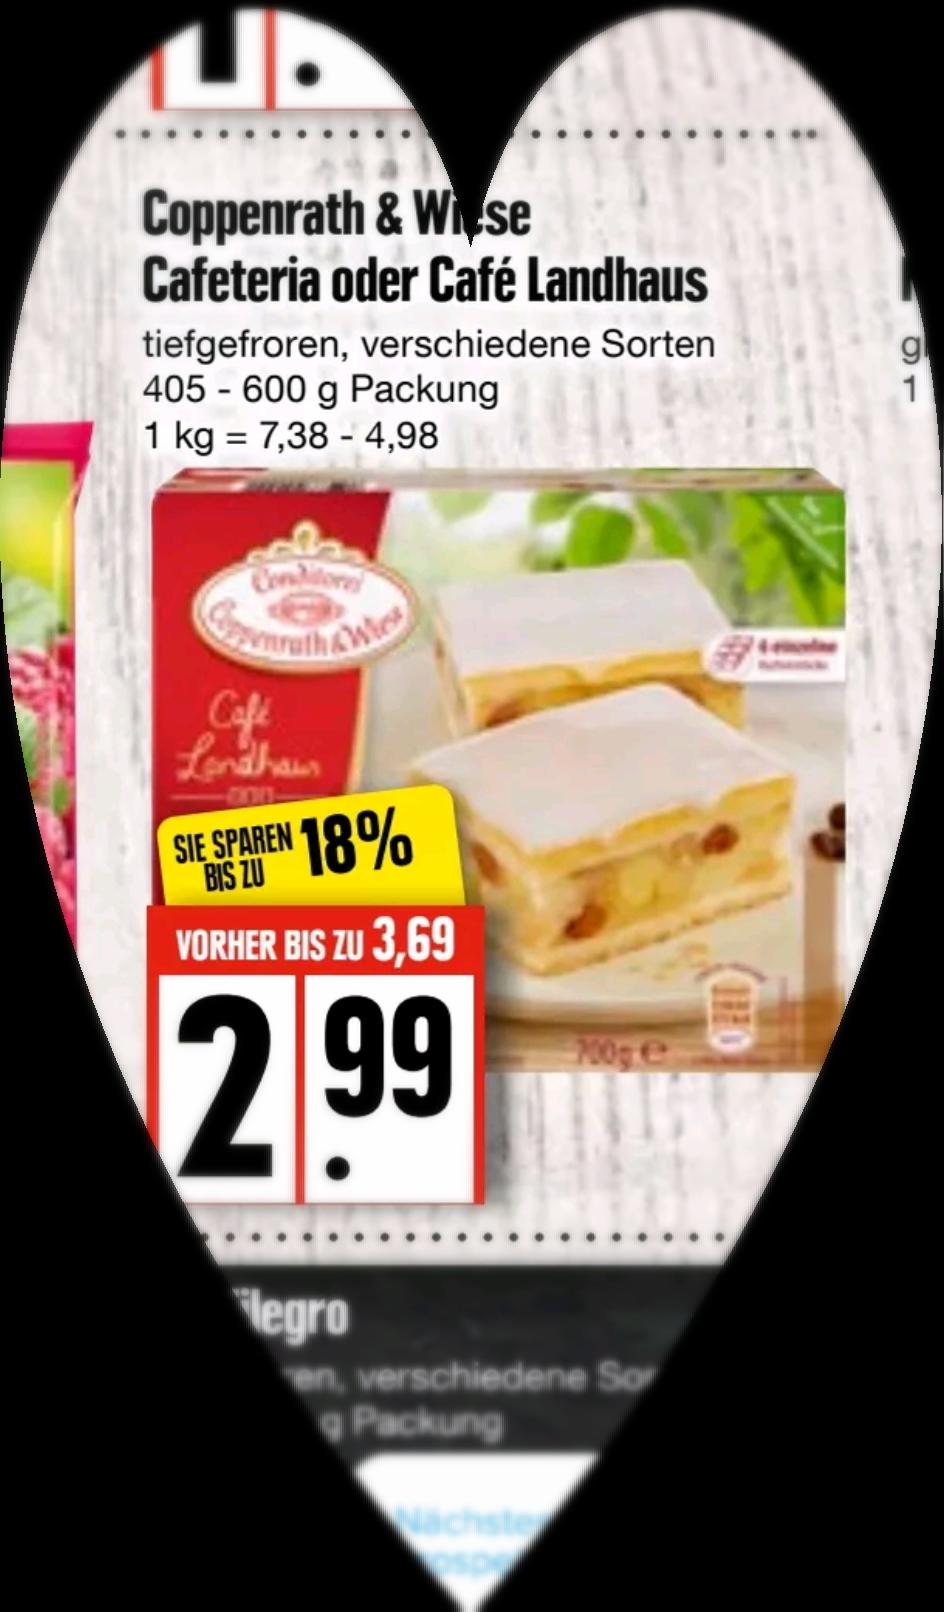 Gutschein -Fehler/Lokal Edeka Nord /Coppenrath & Wiese Cafeteria oder Café Landhaus Kuchen für 0,99 €/personalisiert der Genuss Coupon